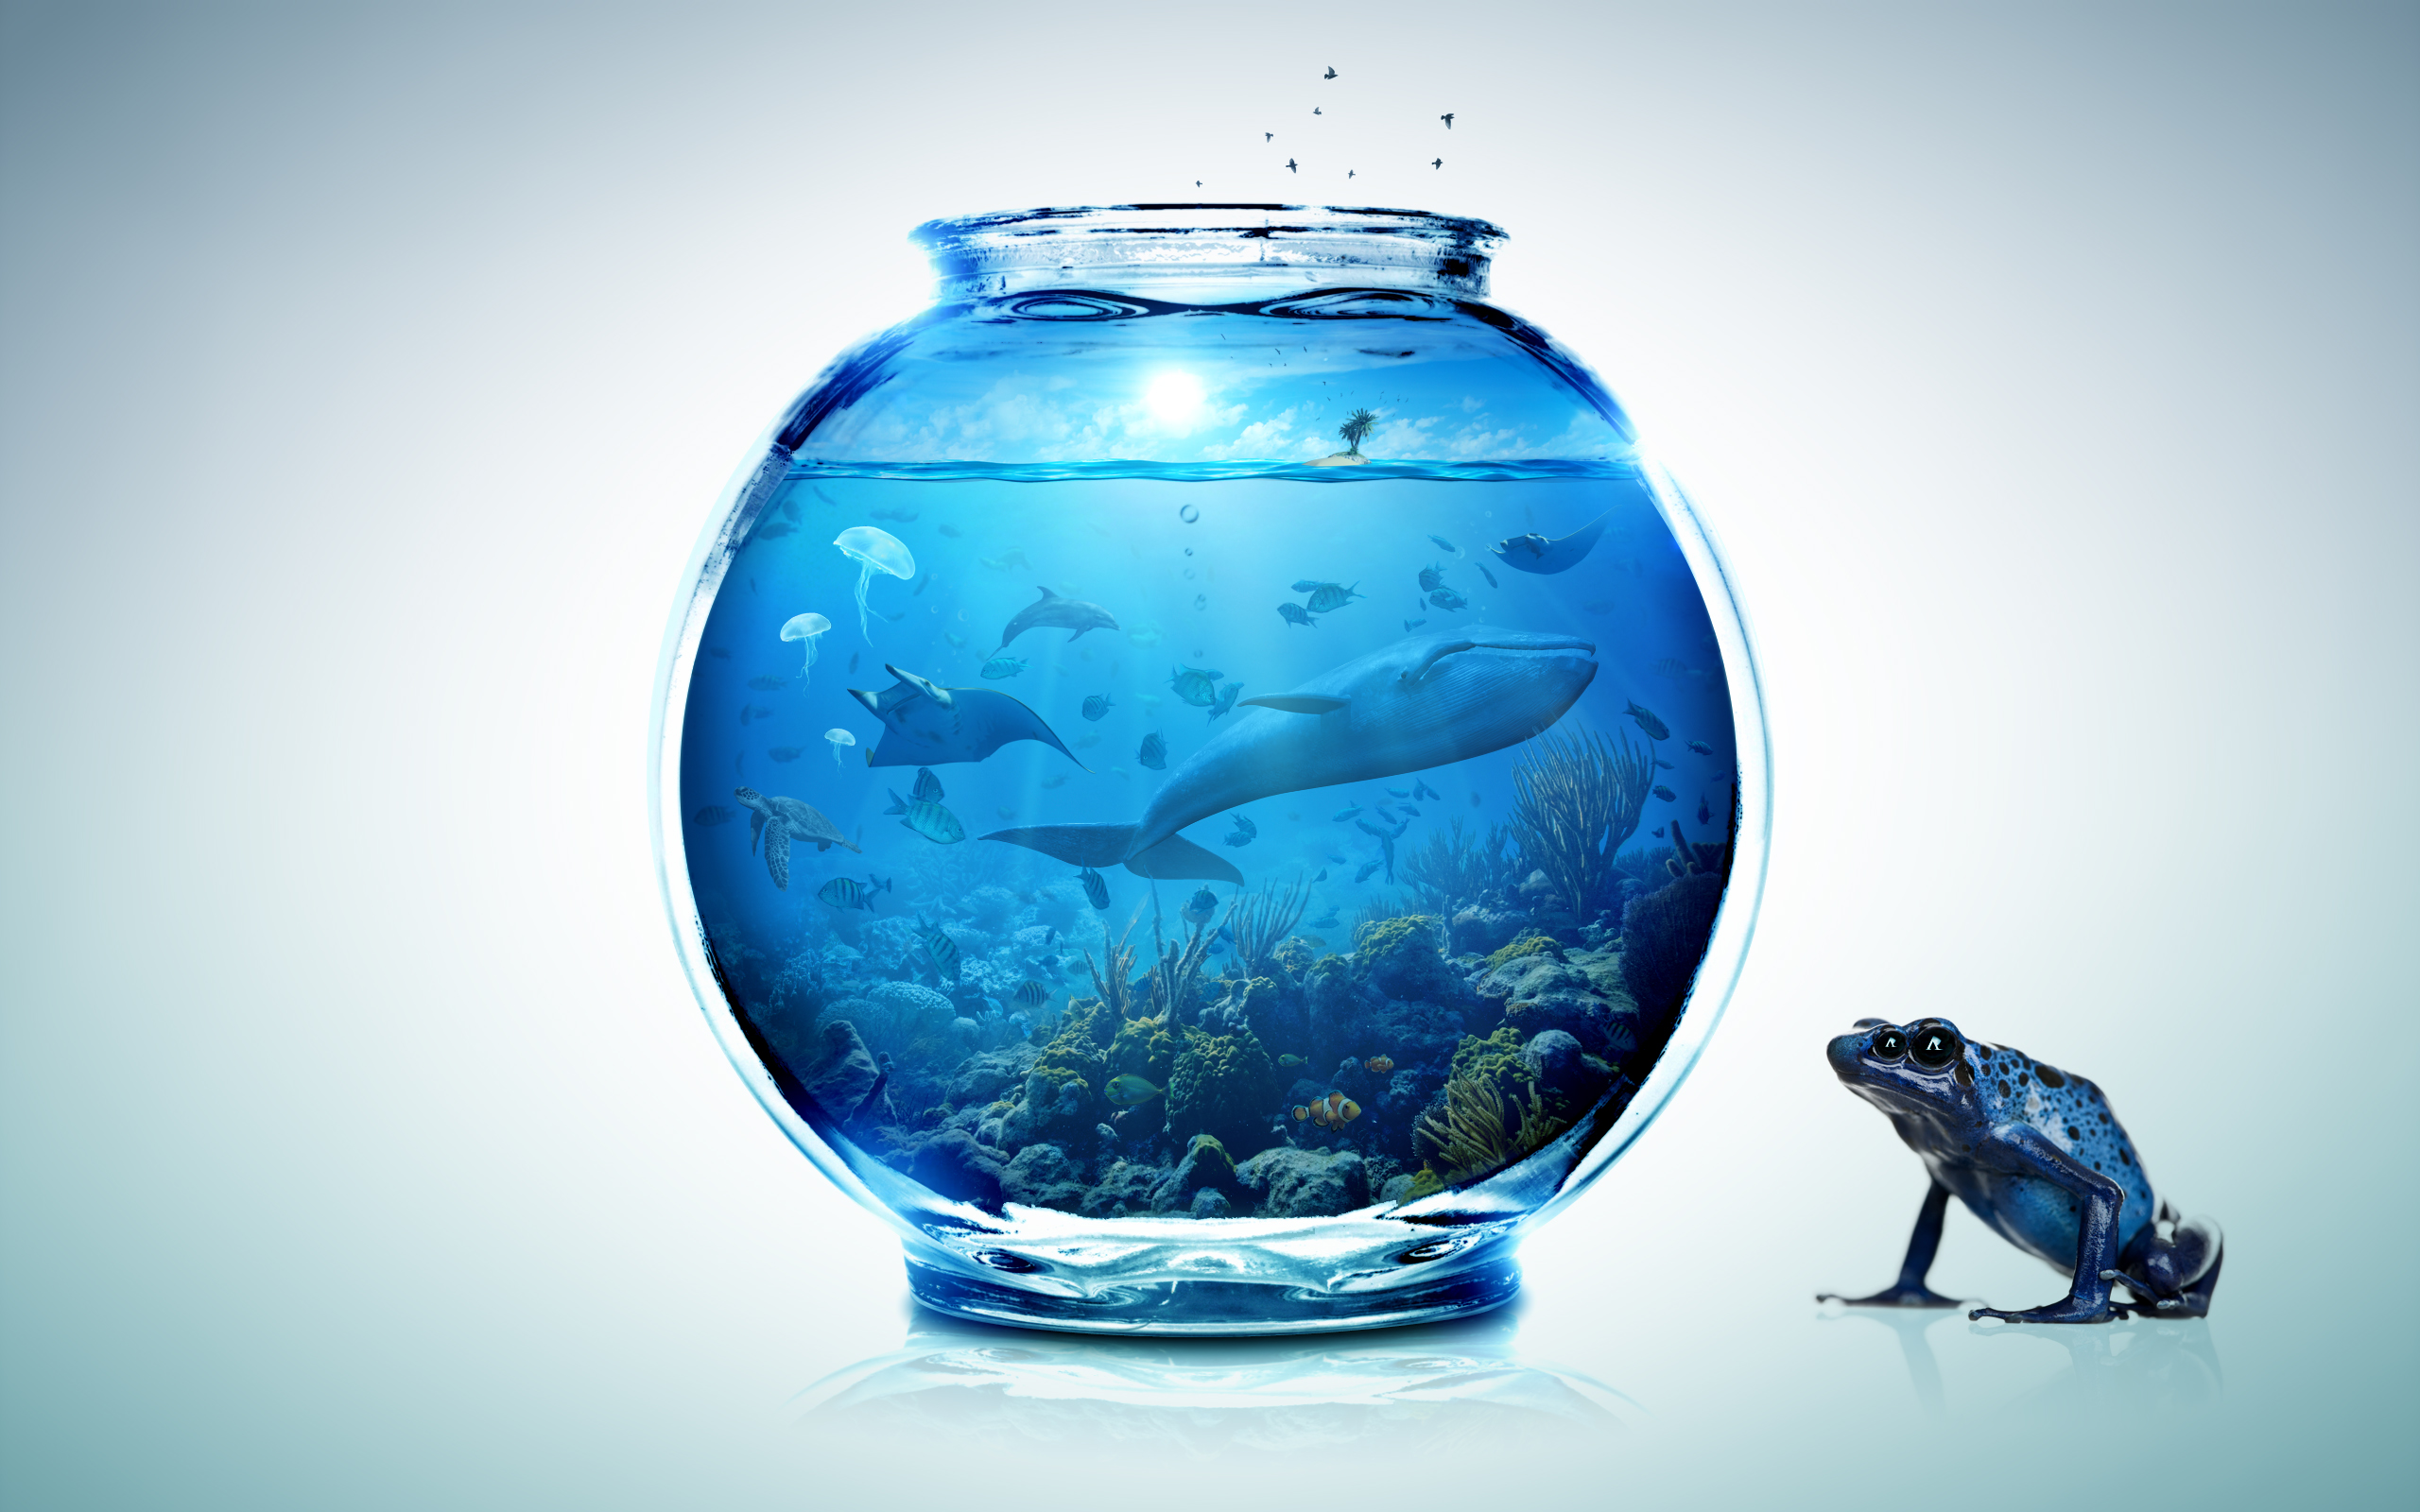 Small World 1 / Fishbowl by LAMBDA256